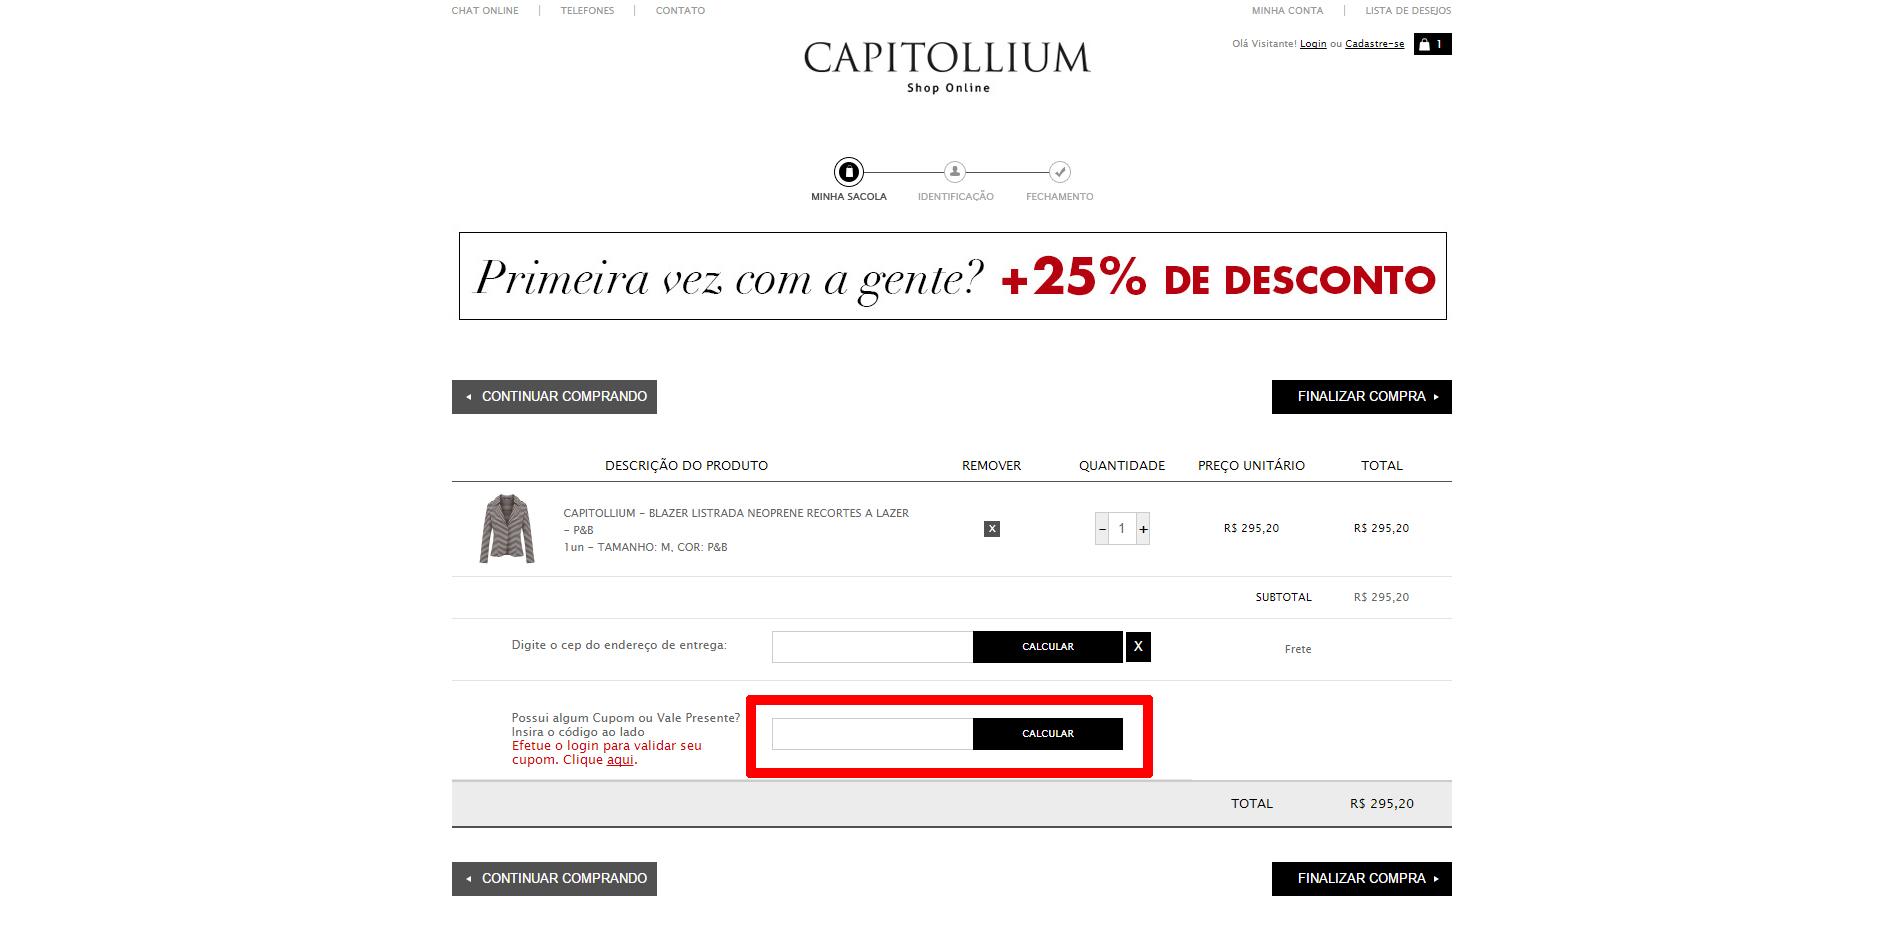 Capitollium Cupom